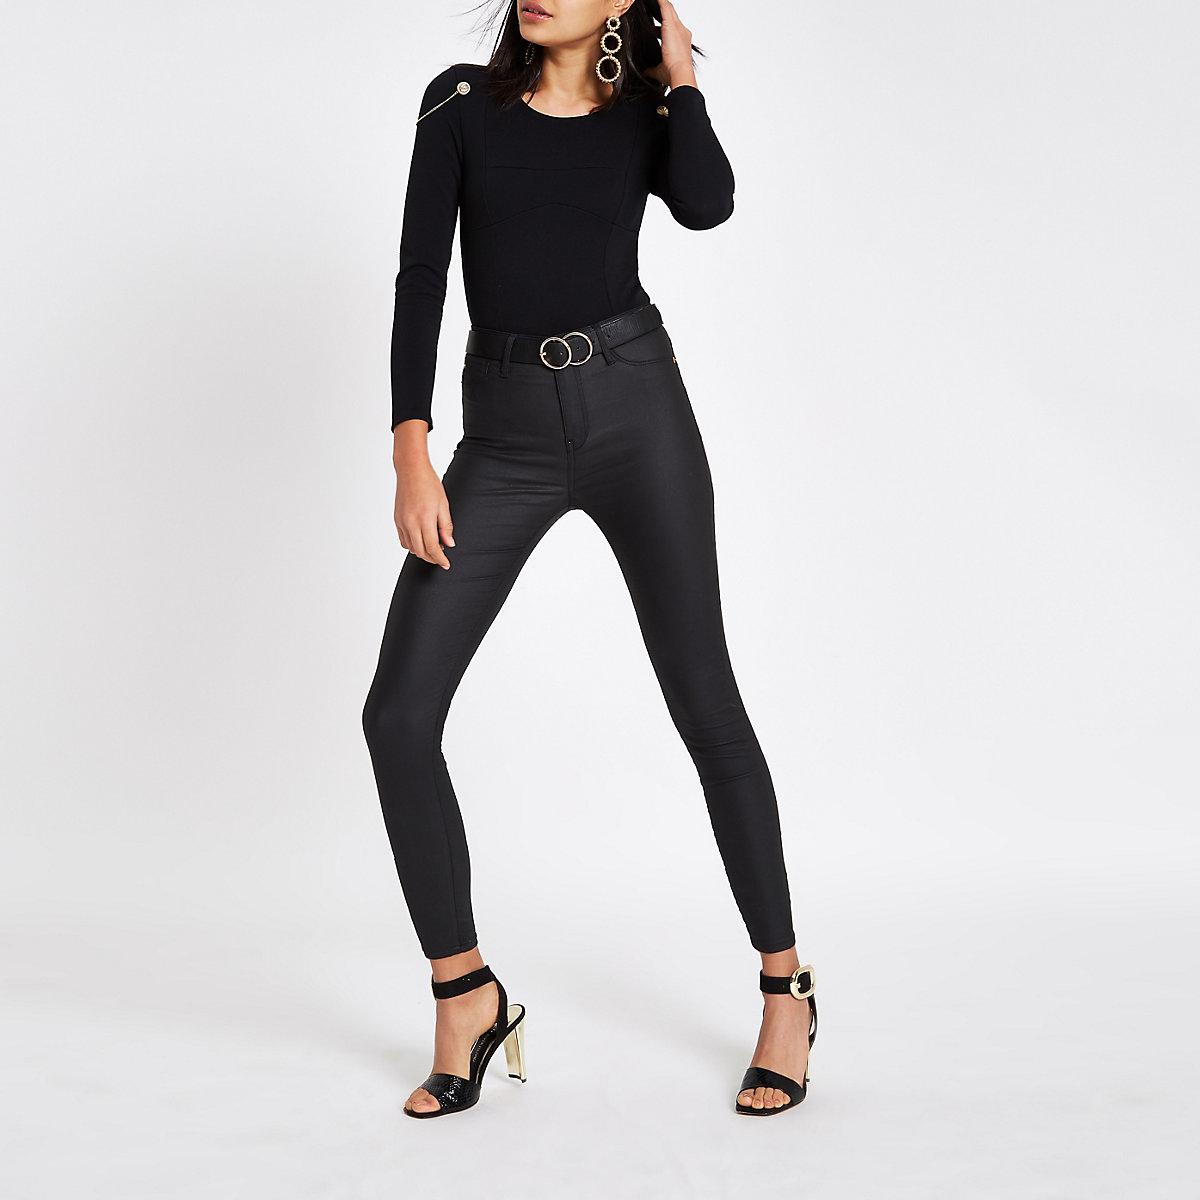 Zwarte body met schoudervulling